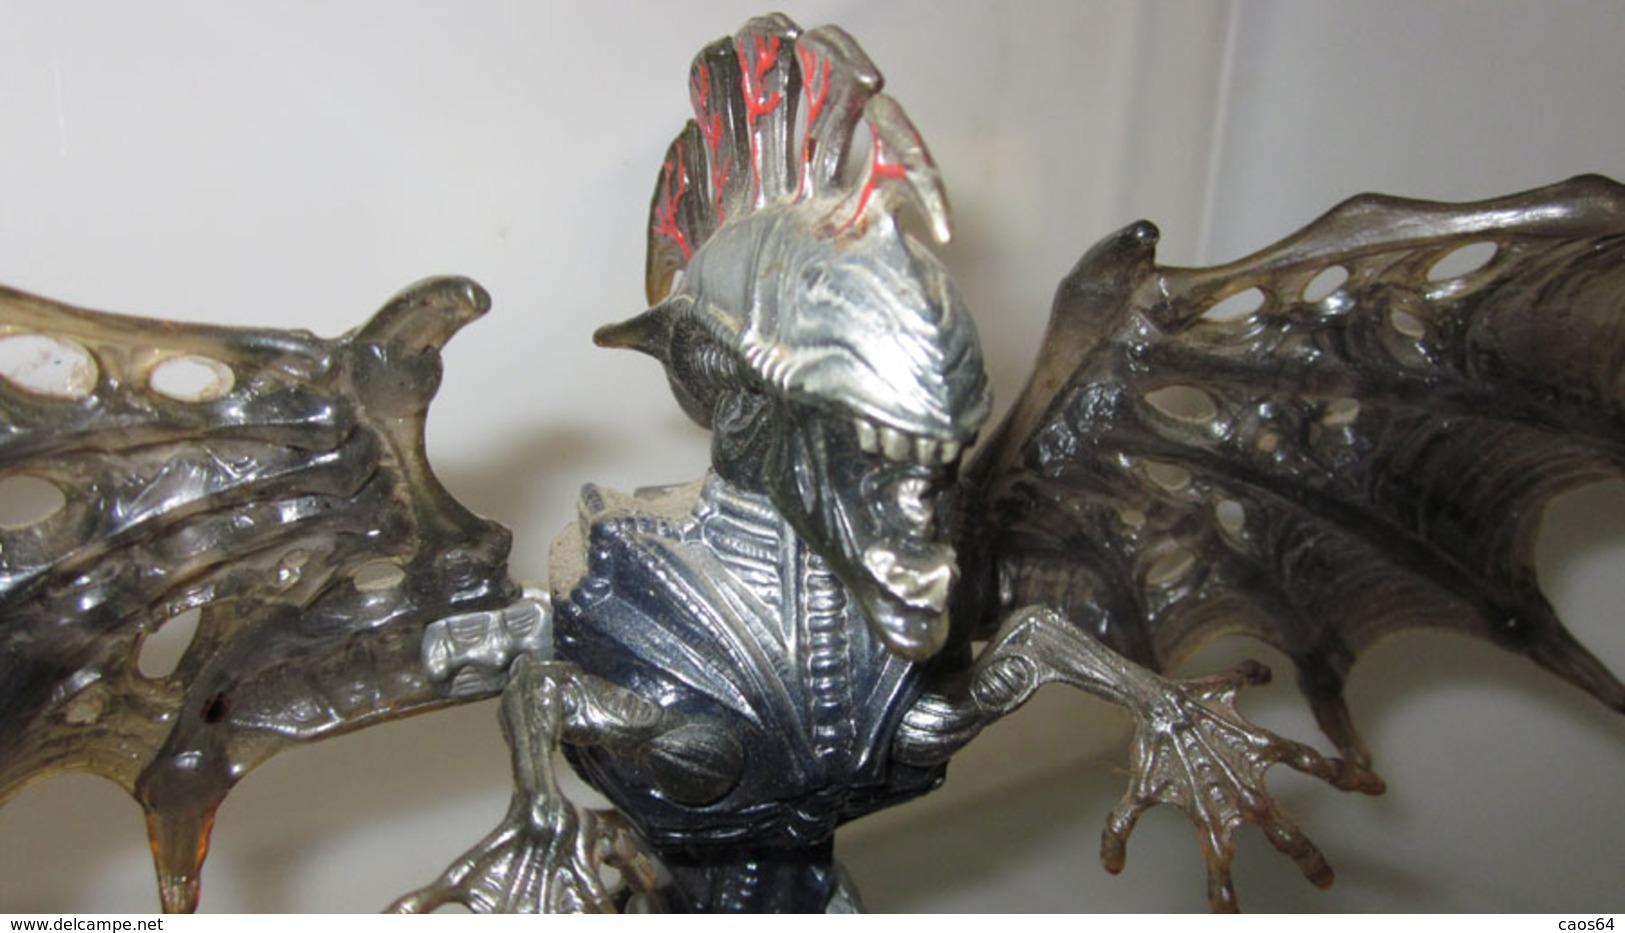 ALIEN ACTION FIGURE - Figurines